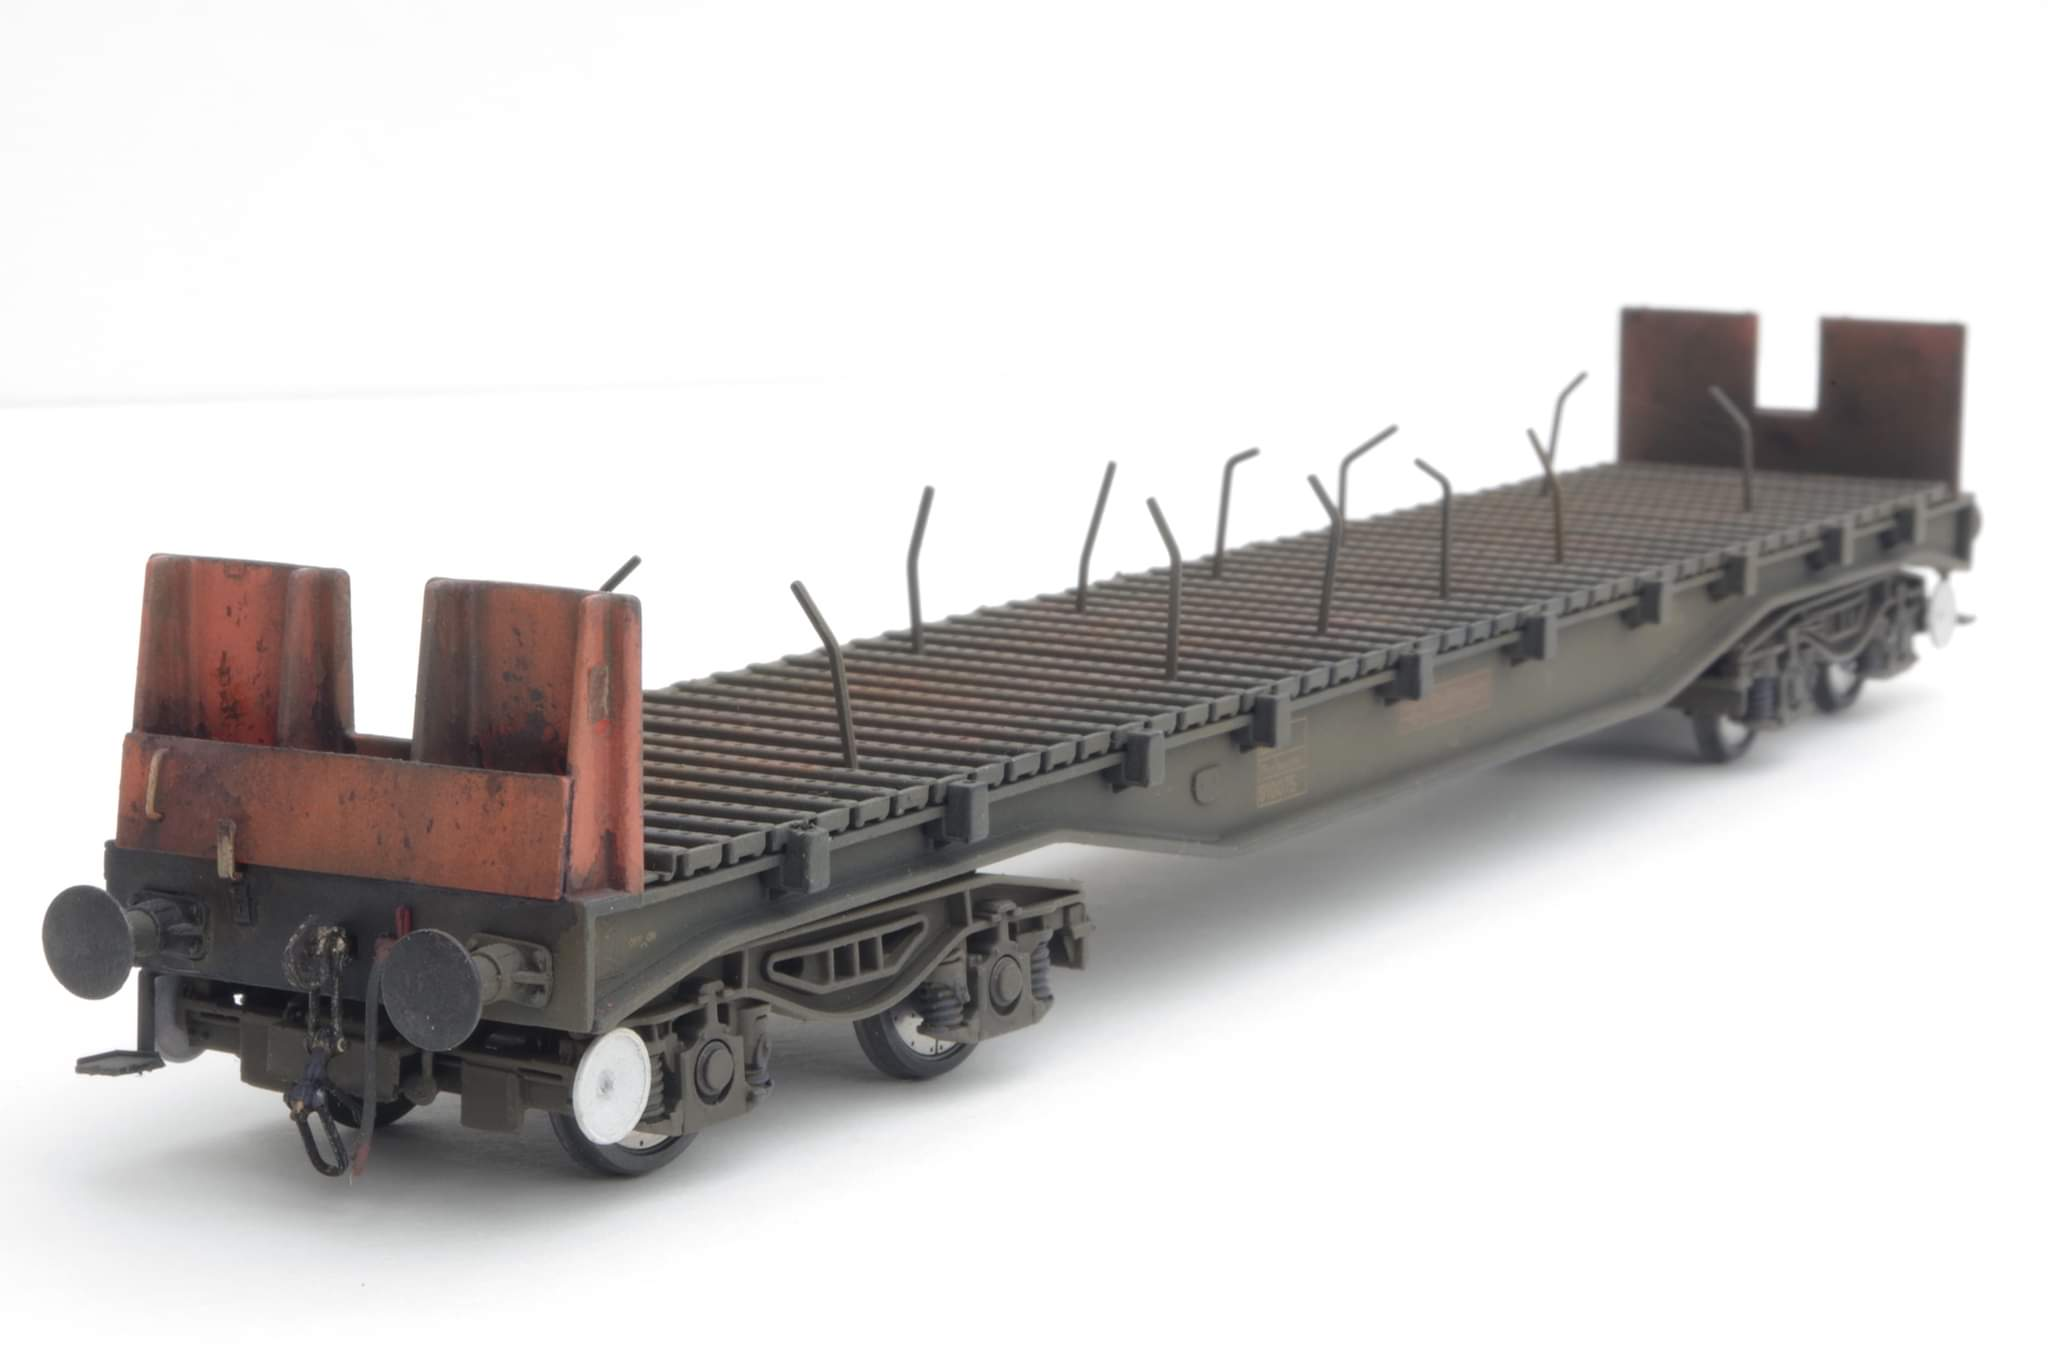 Model Railway Journal No 284